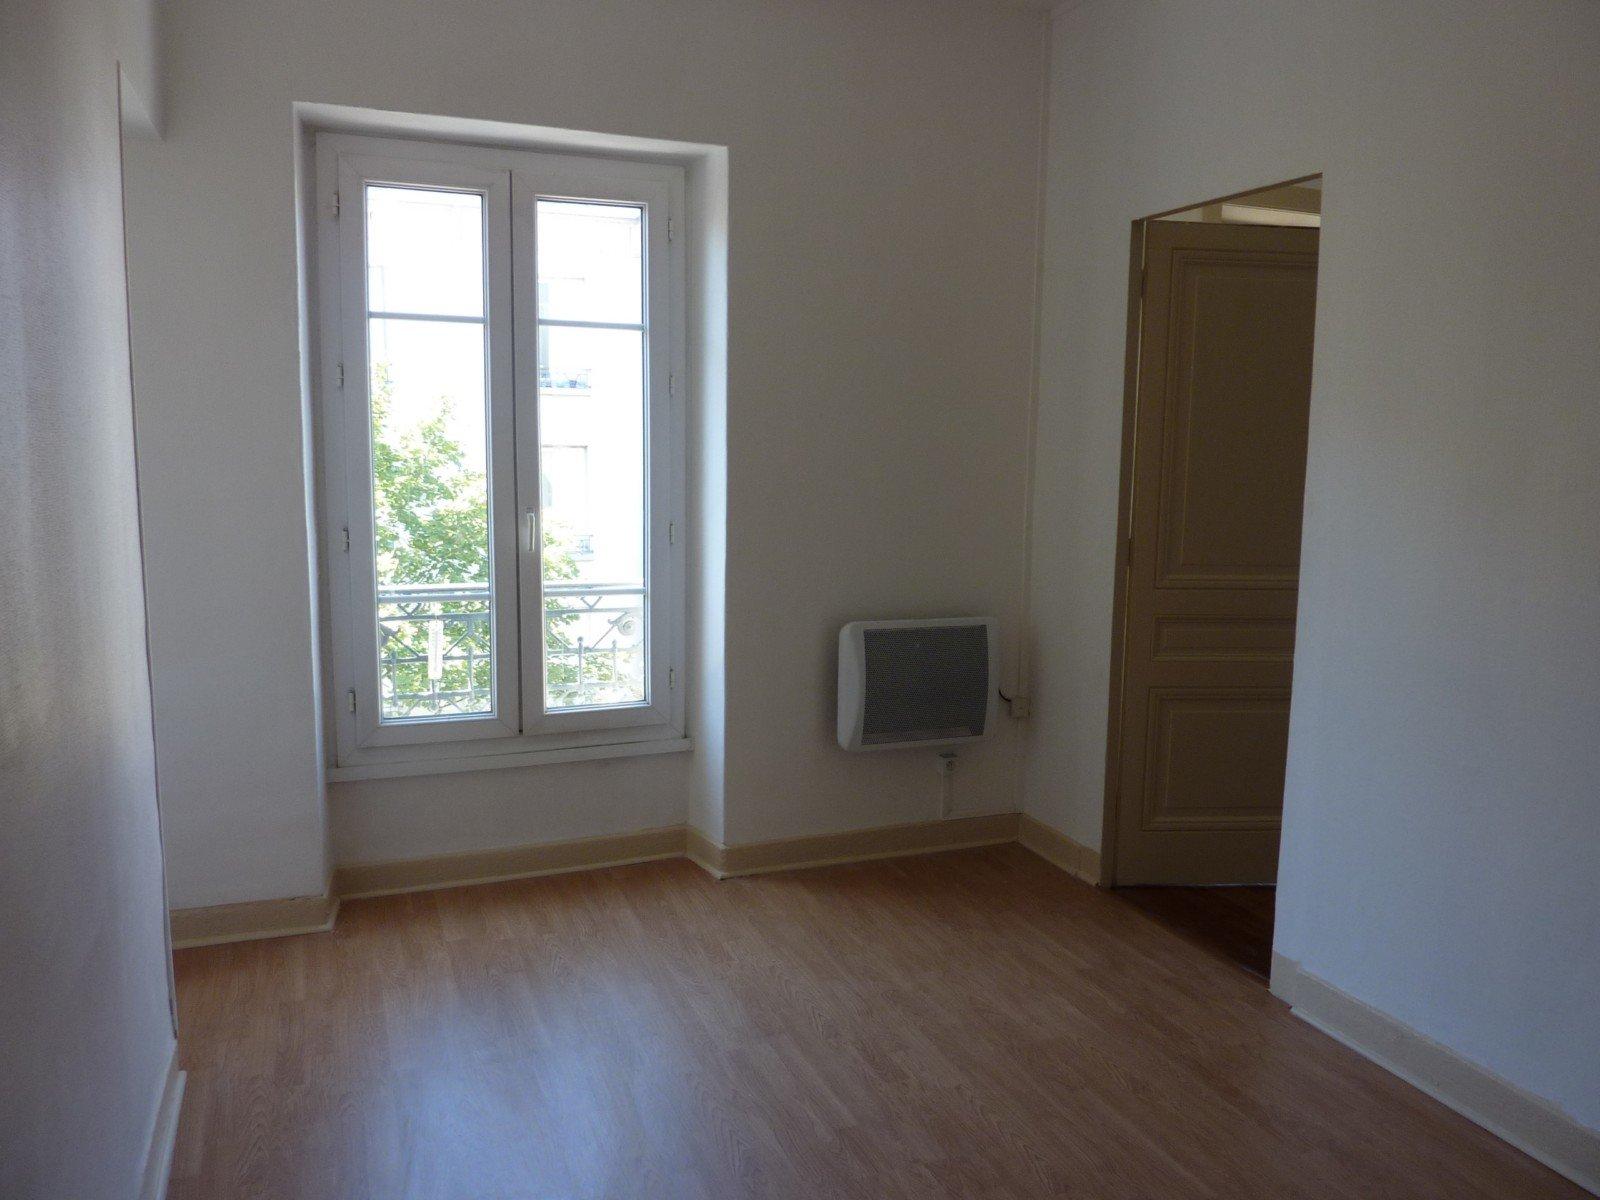 Location Appartement, Surface de 39.81 m², 2 pièces, Lyon 3ème (69003)